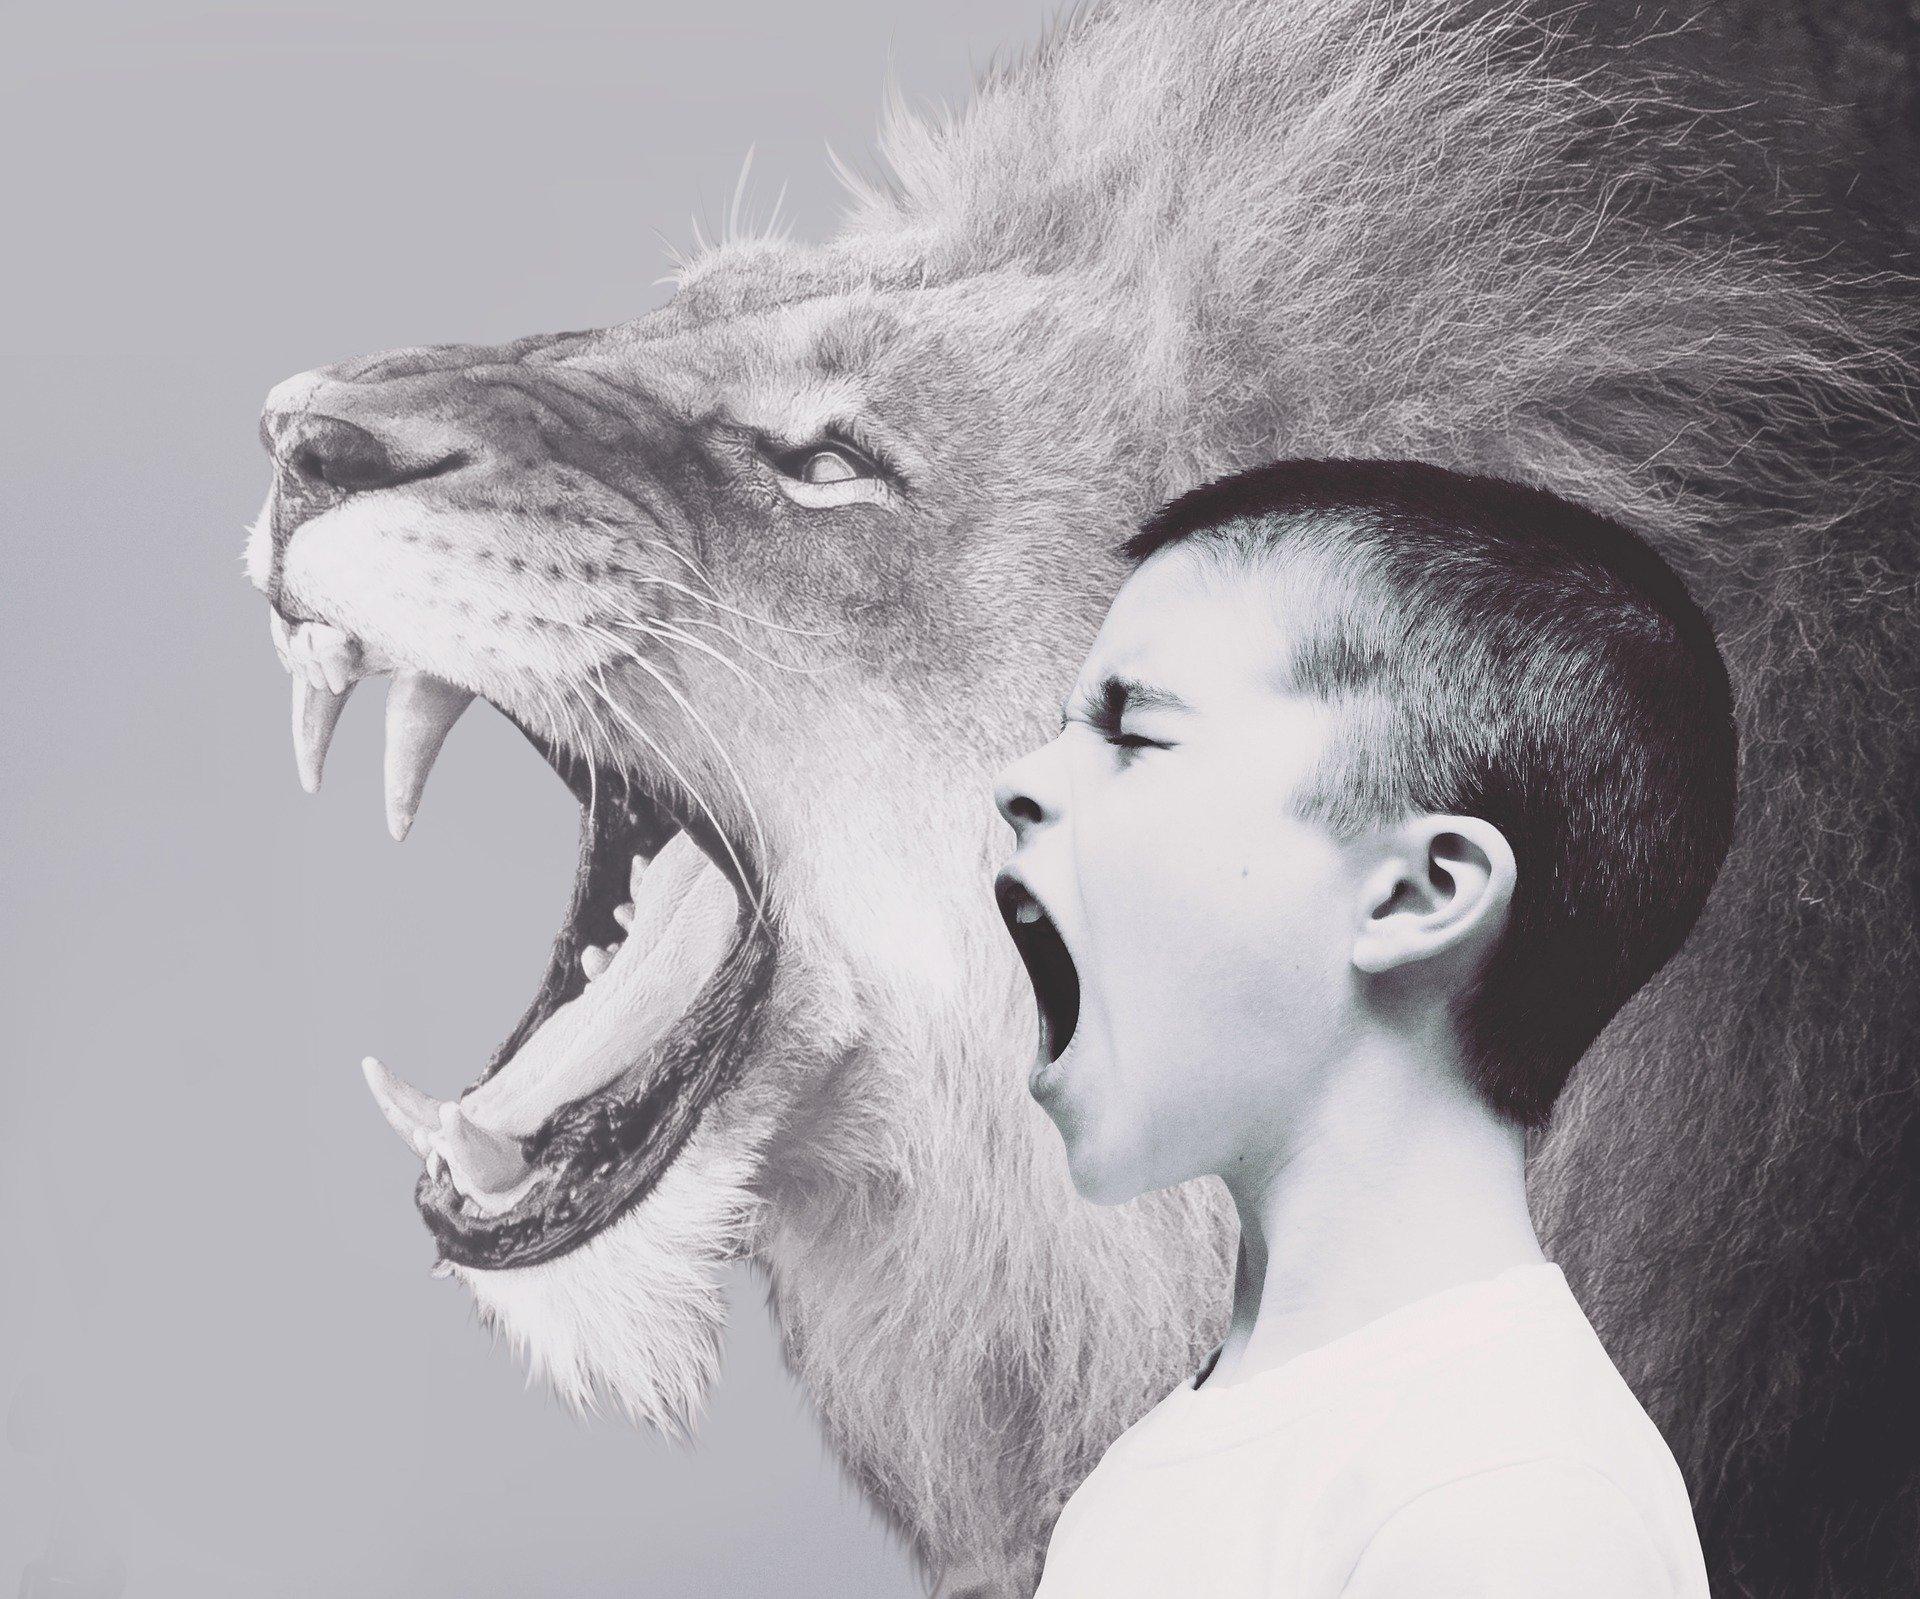 Agresywne zachowania dzieci